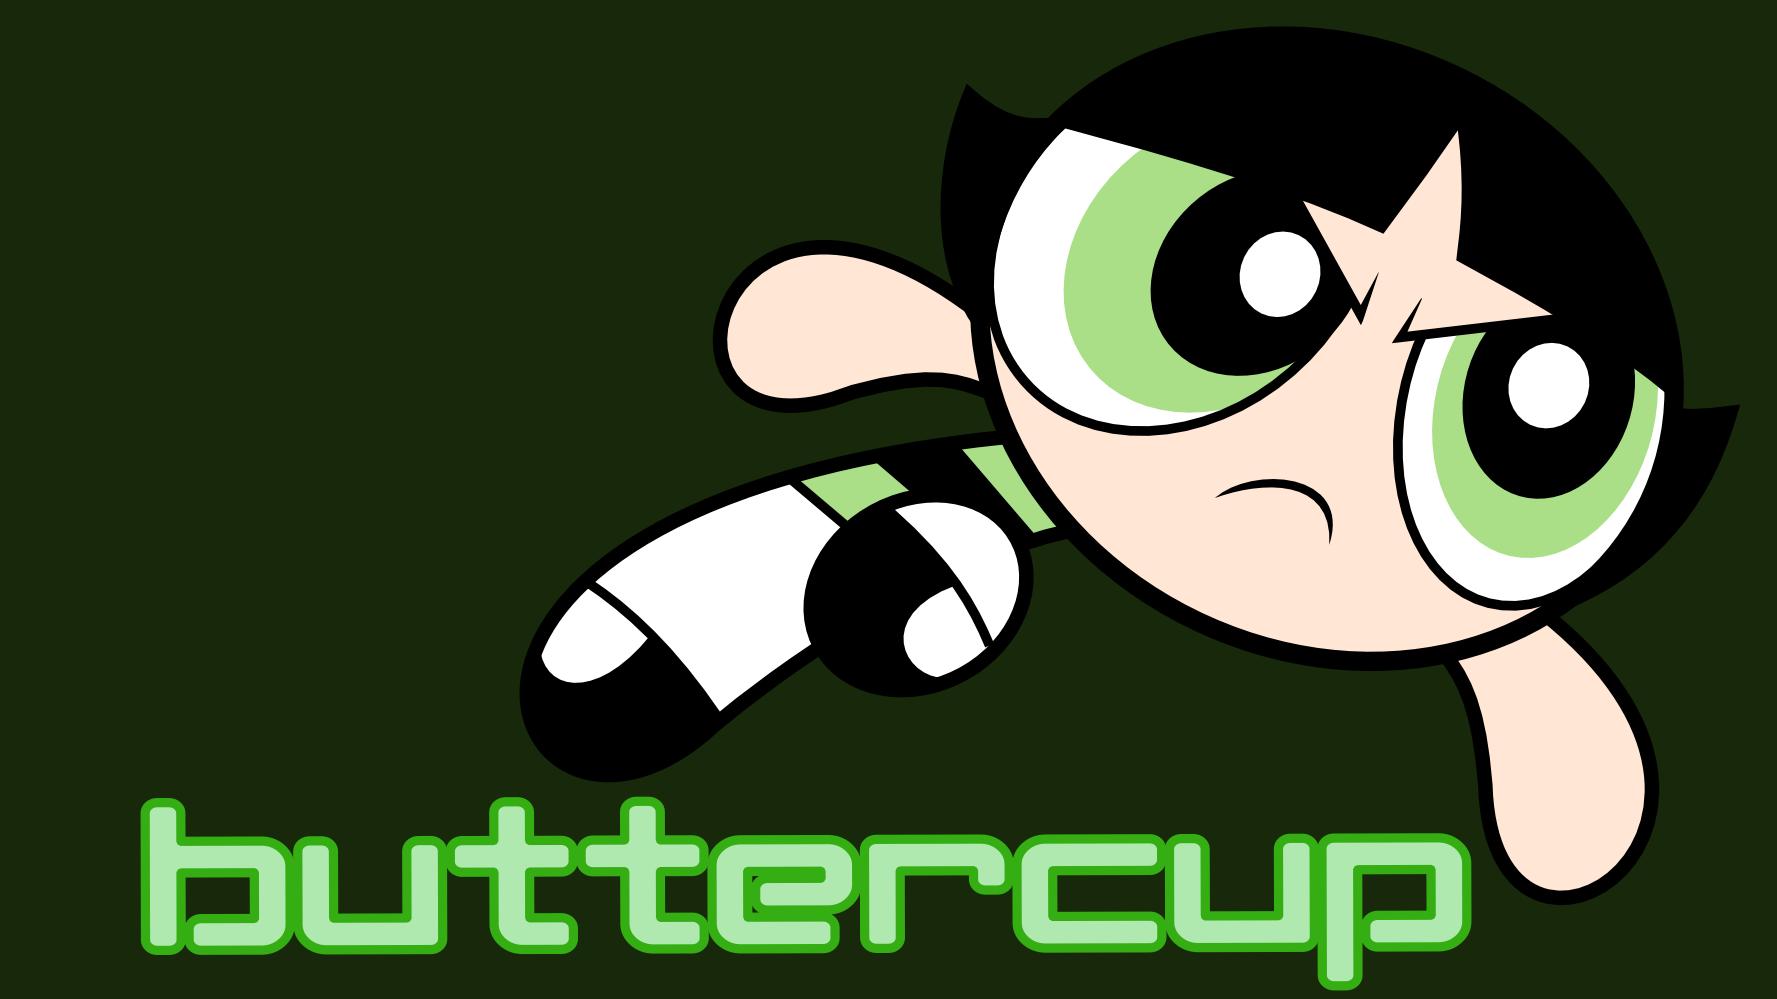 Powerpuff girls buttercup wallpaper